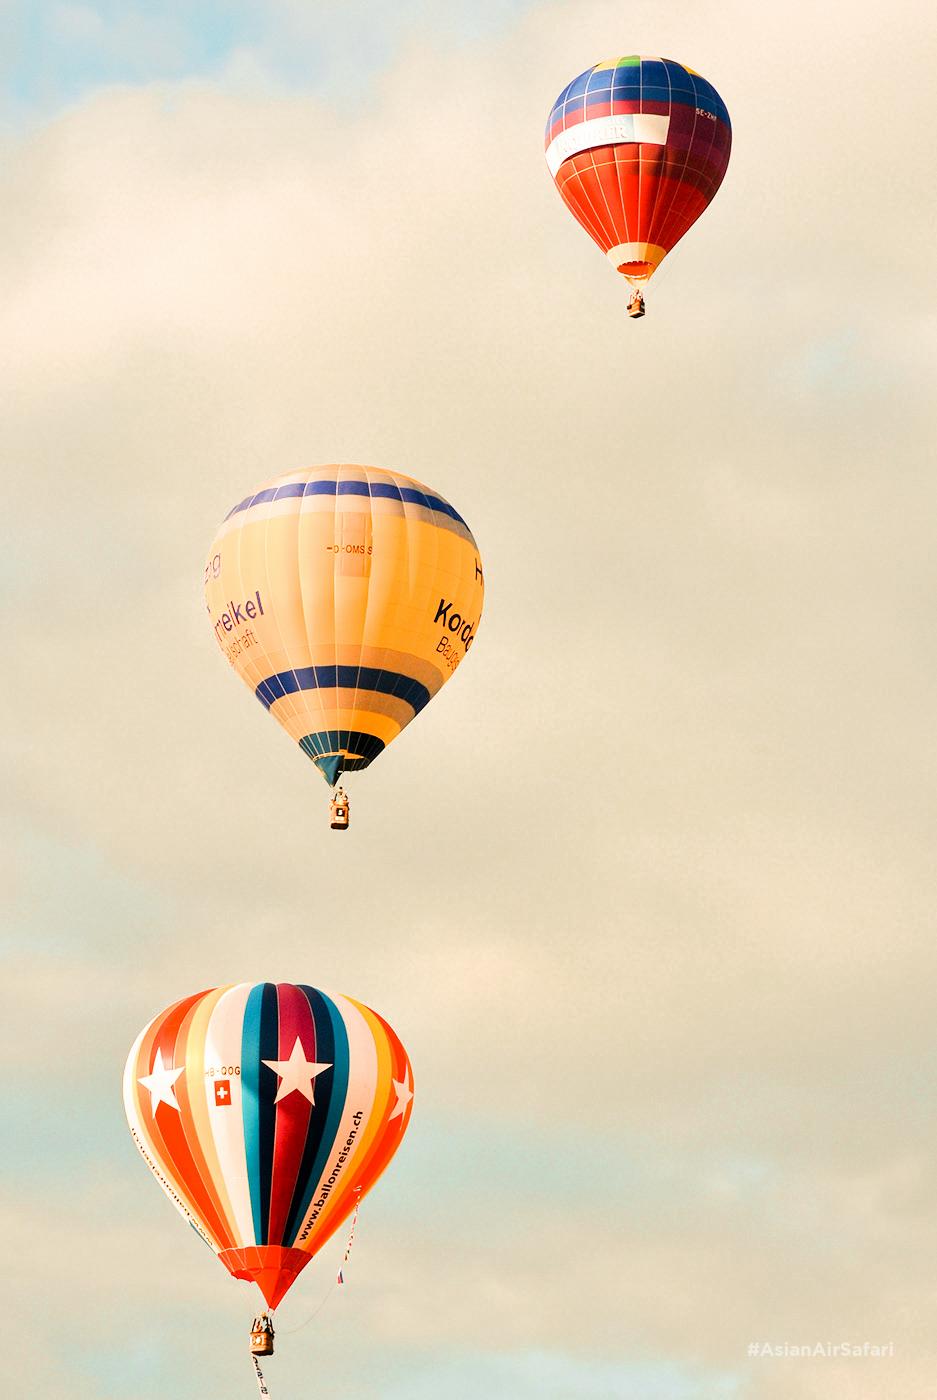 balloonslide (13 of 25)